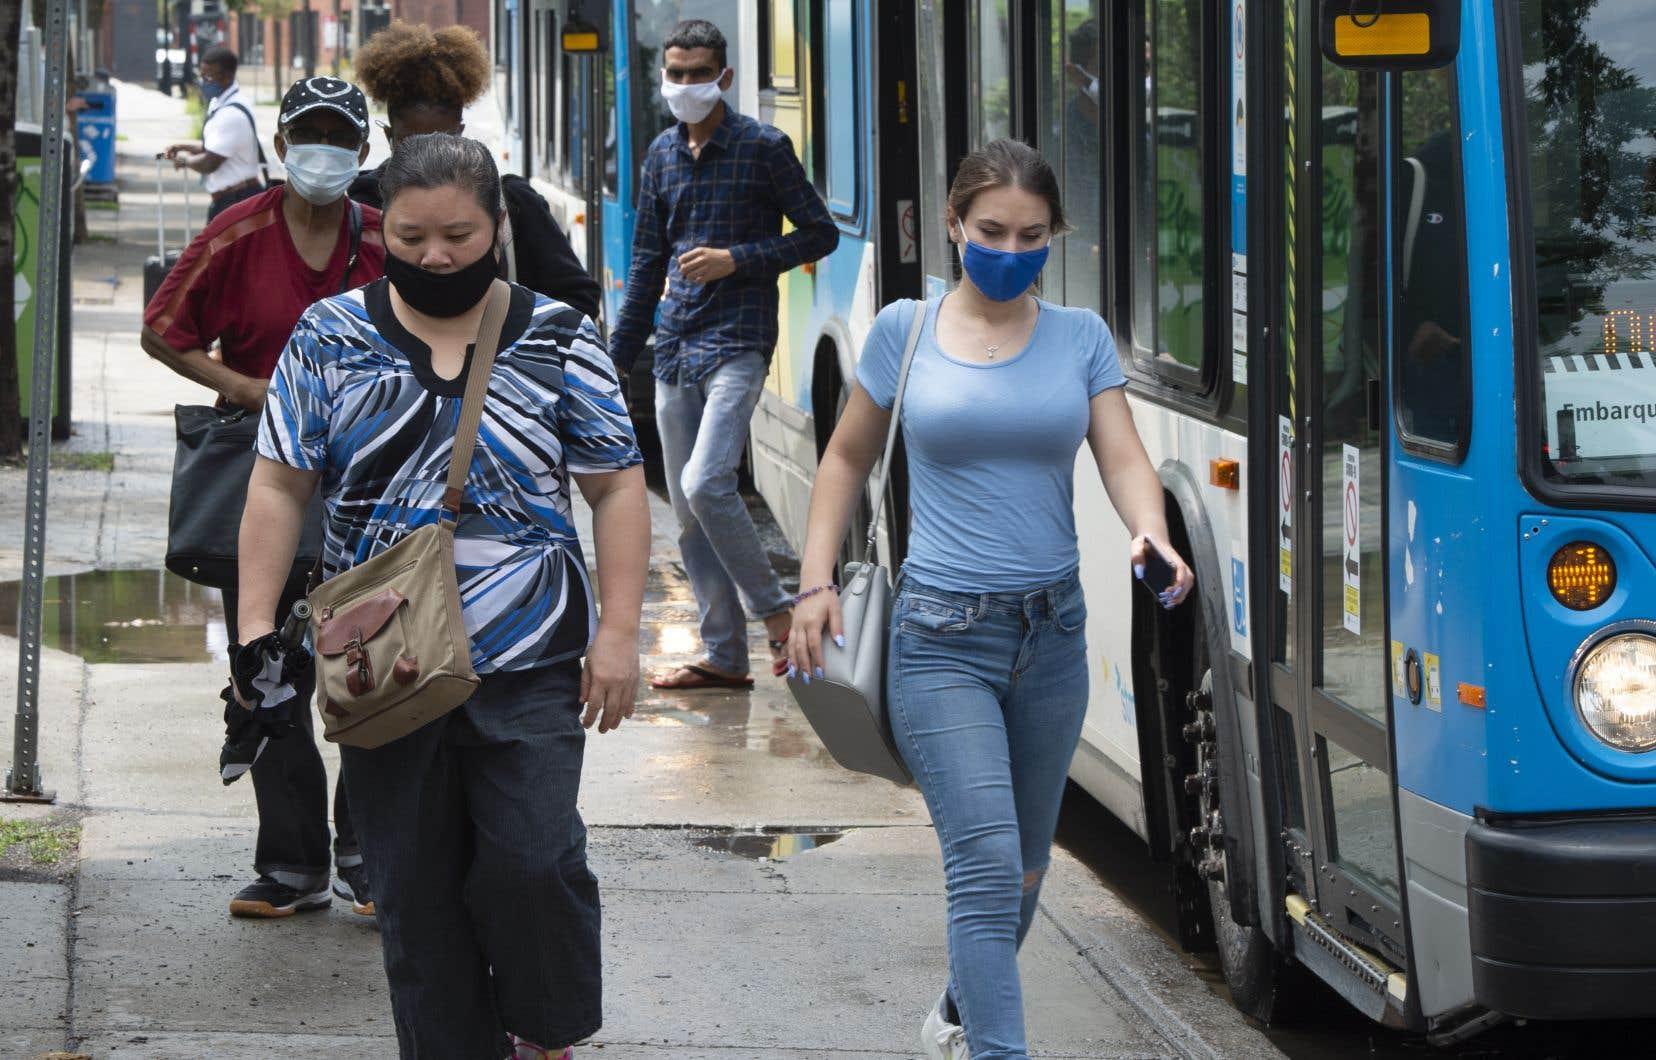 Avec ses projets de voies réservées, la STM souhaite rendre le service d'autobus plus rapide et plus fiable afin d'inciter les Montréalais à opter pour le transport collectif, durement touché par la pandémie.